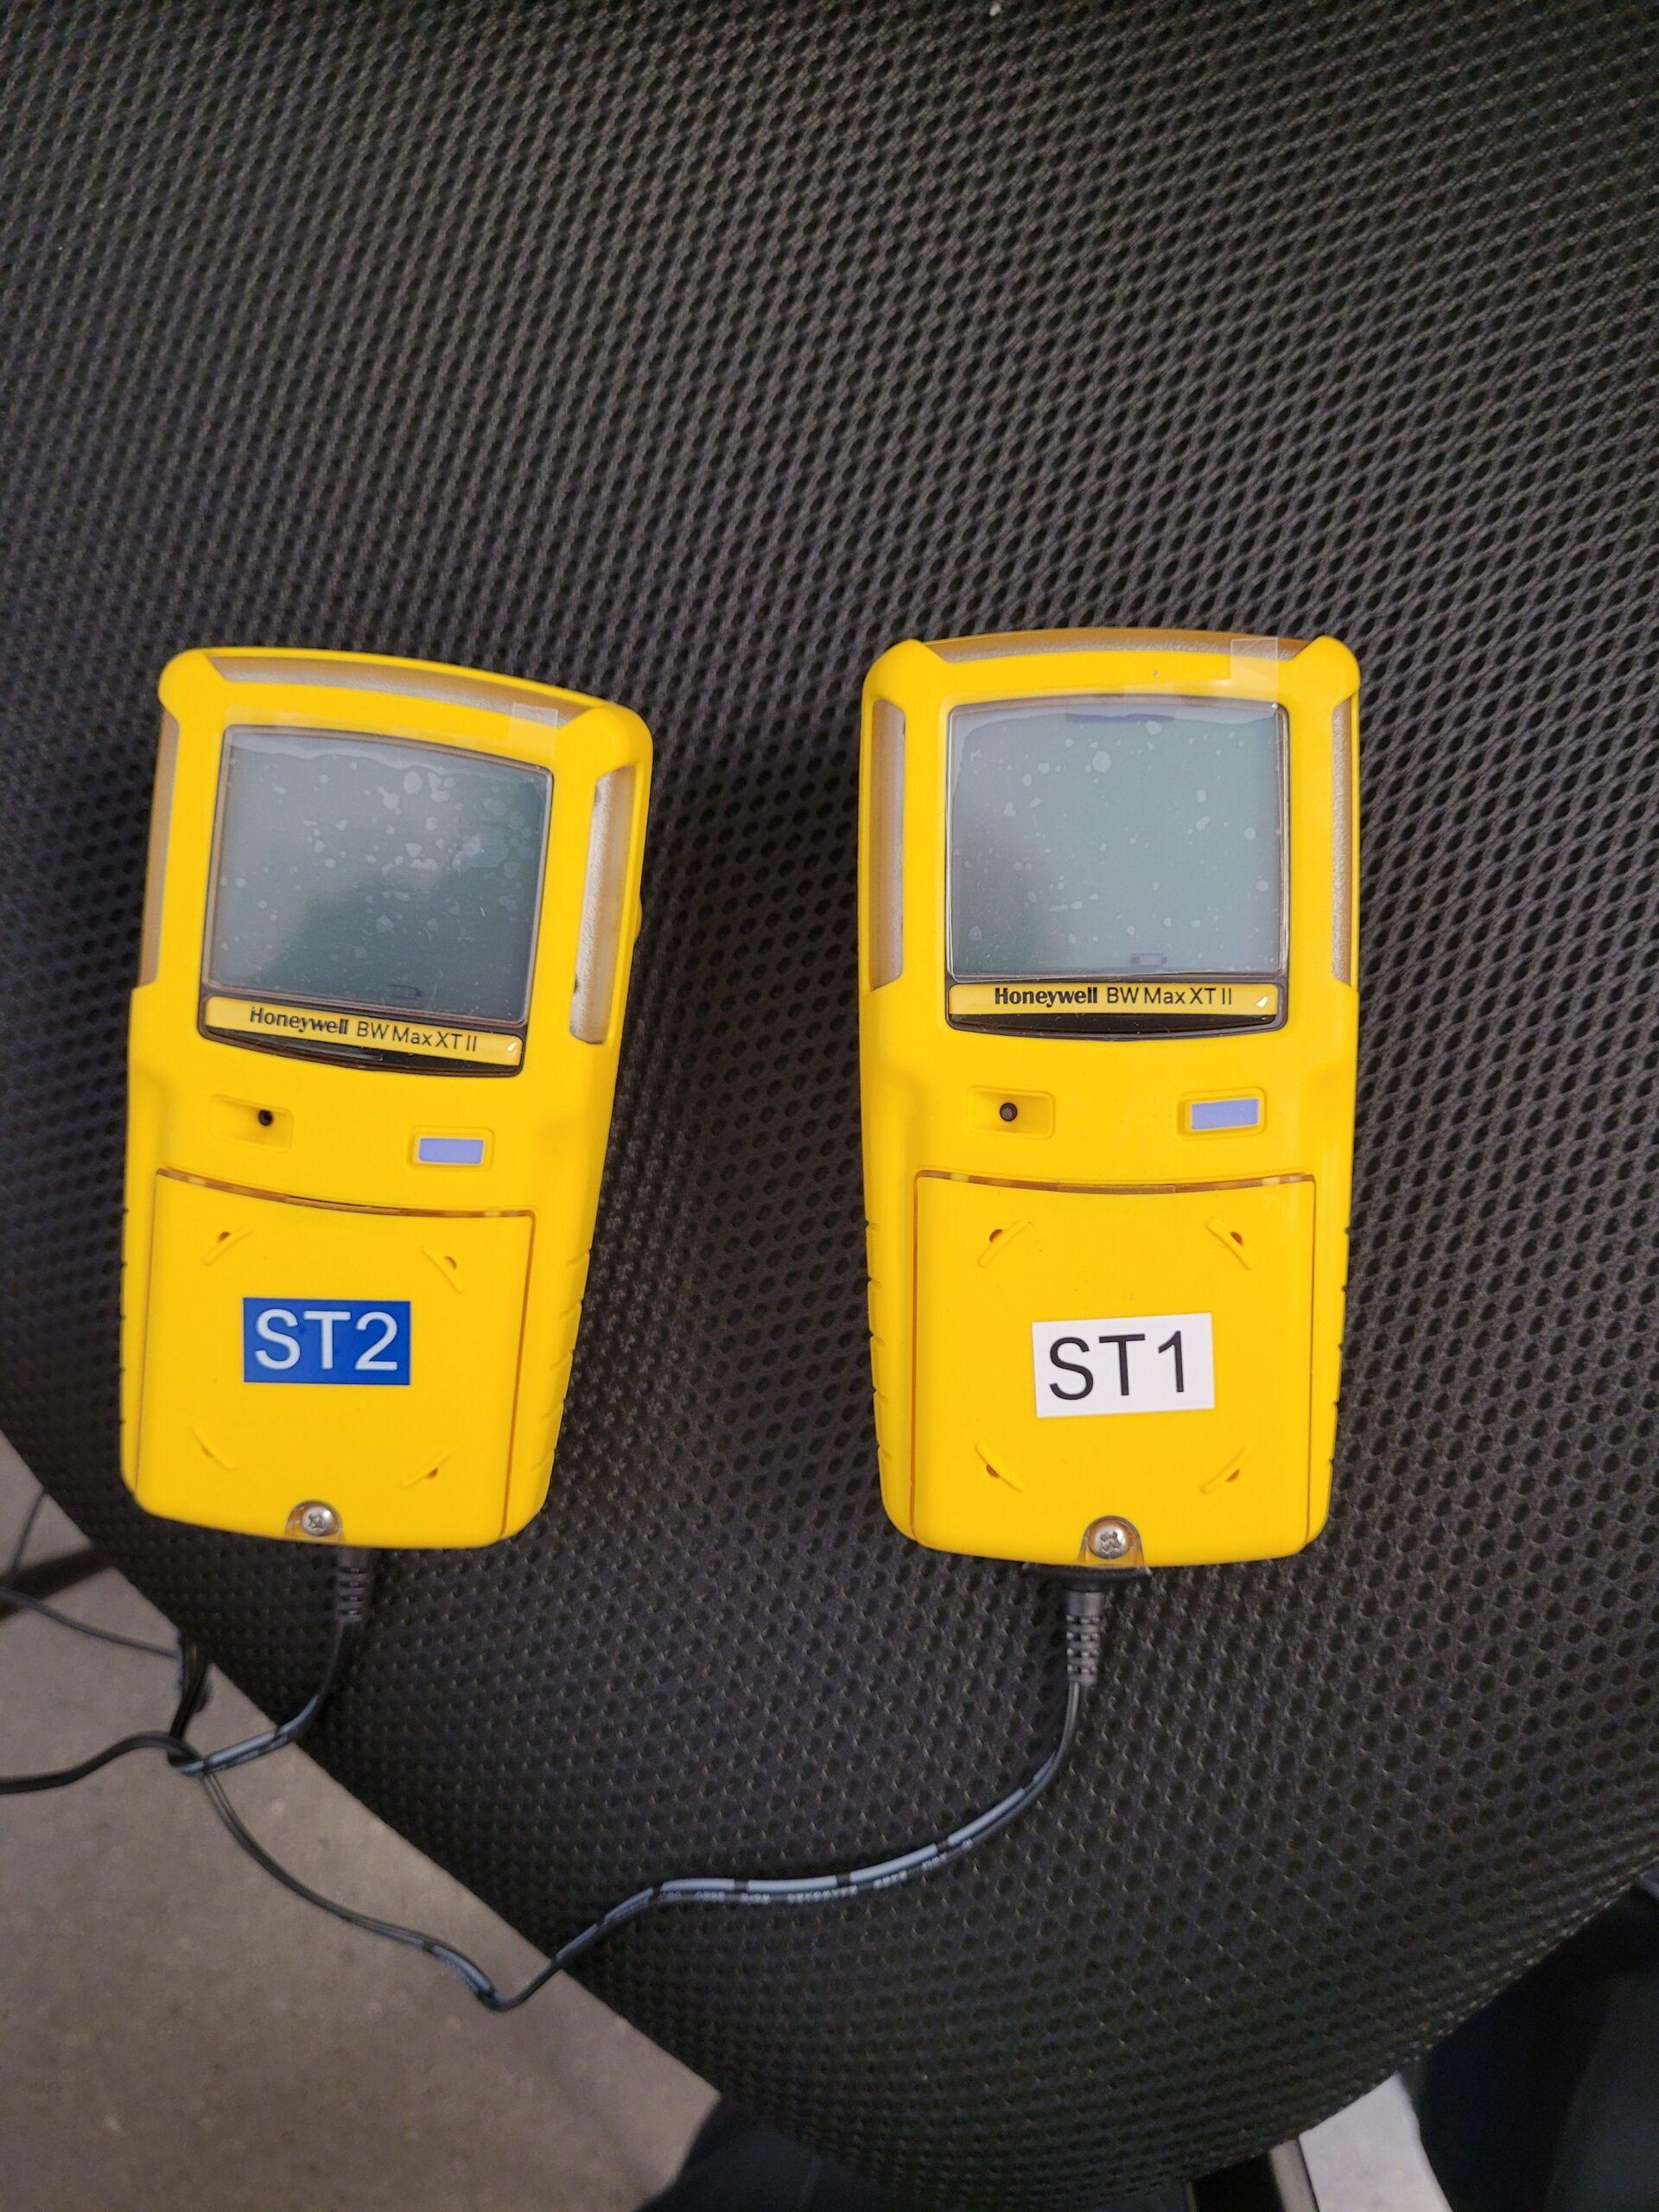 2 gas meters